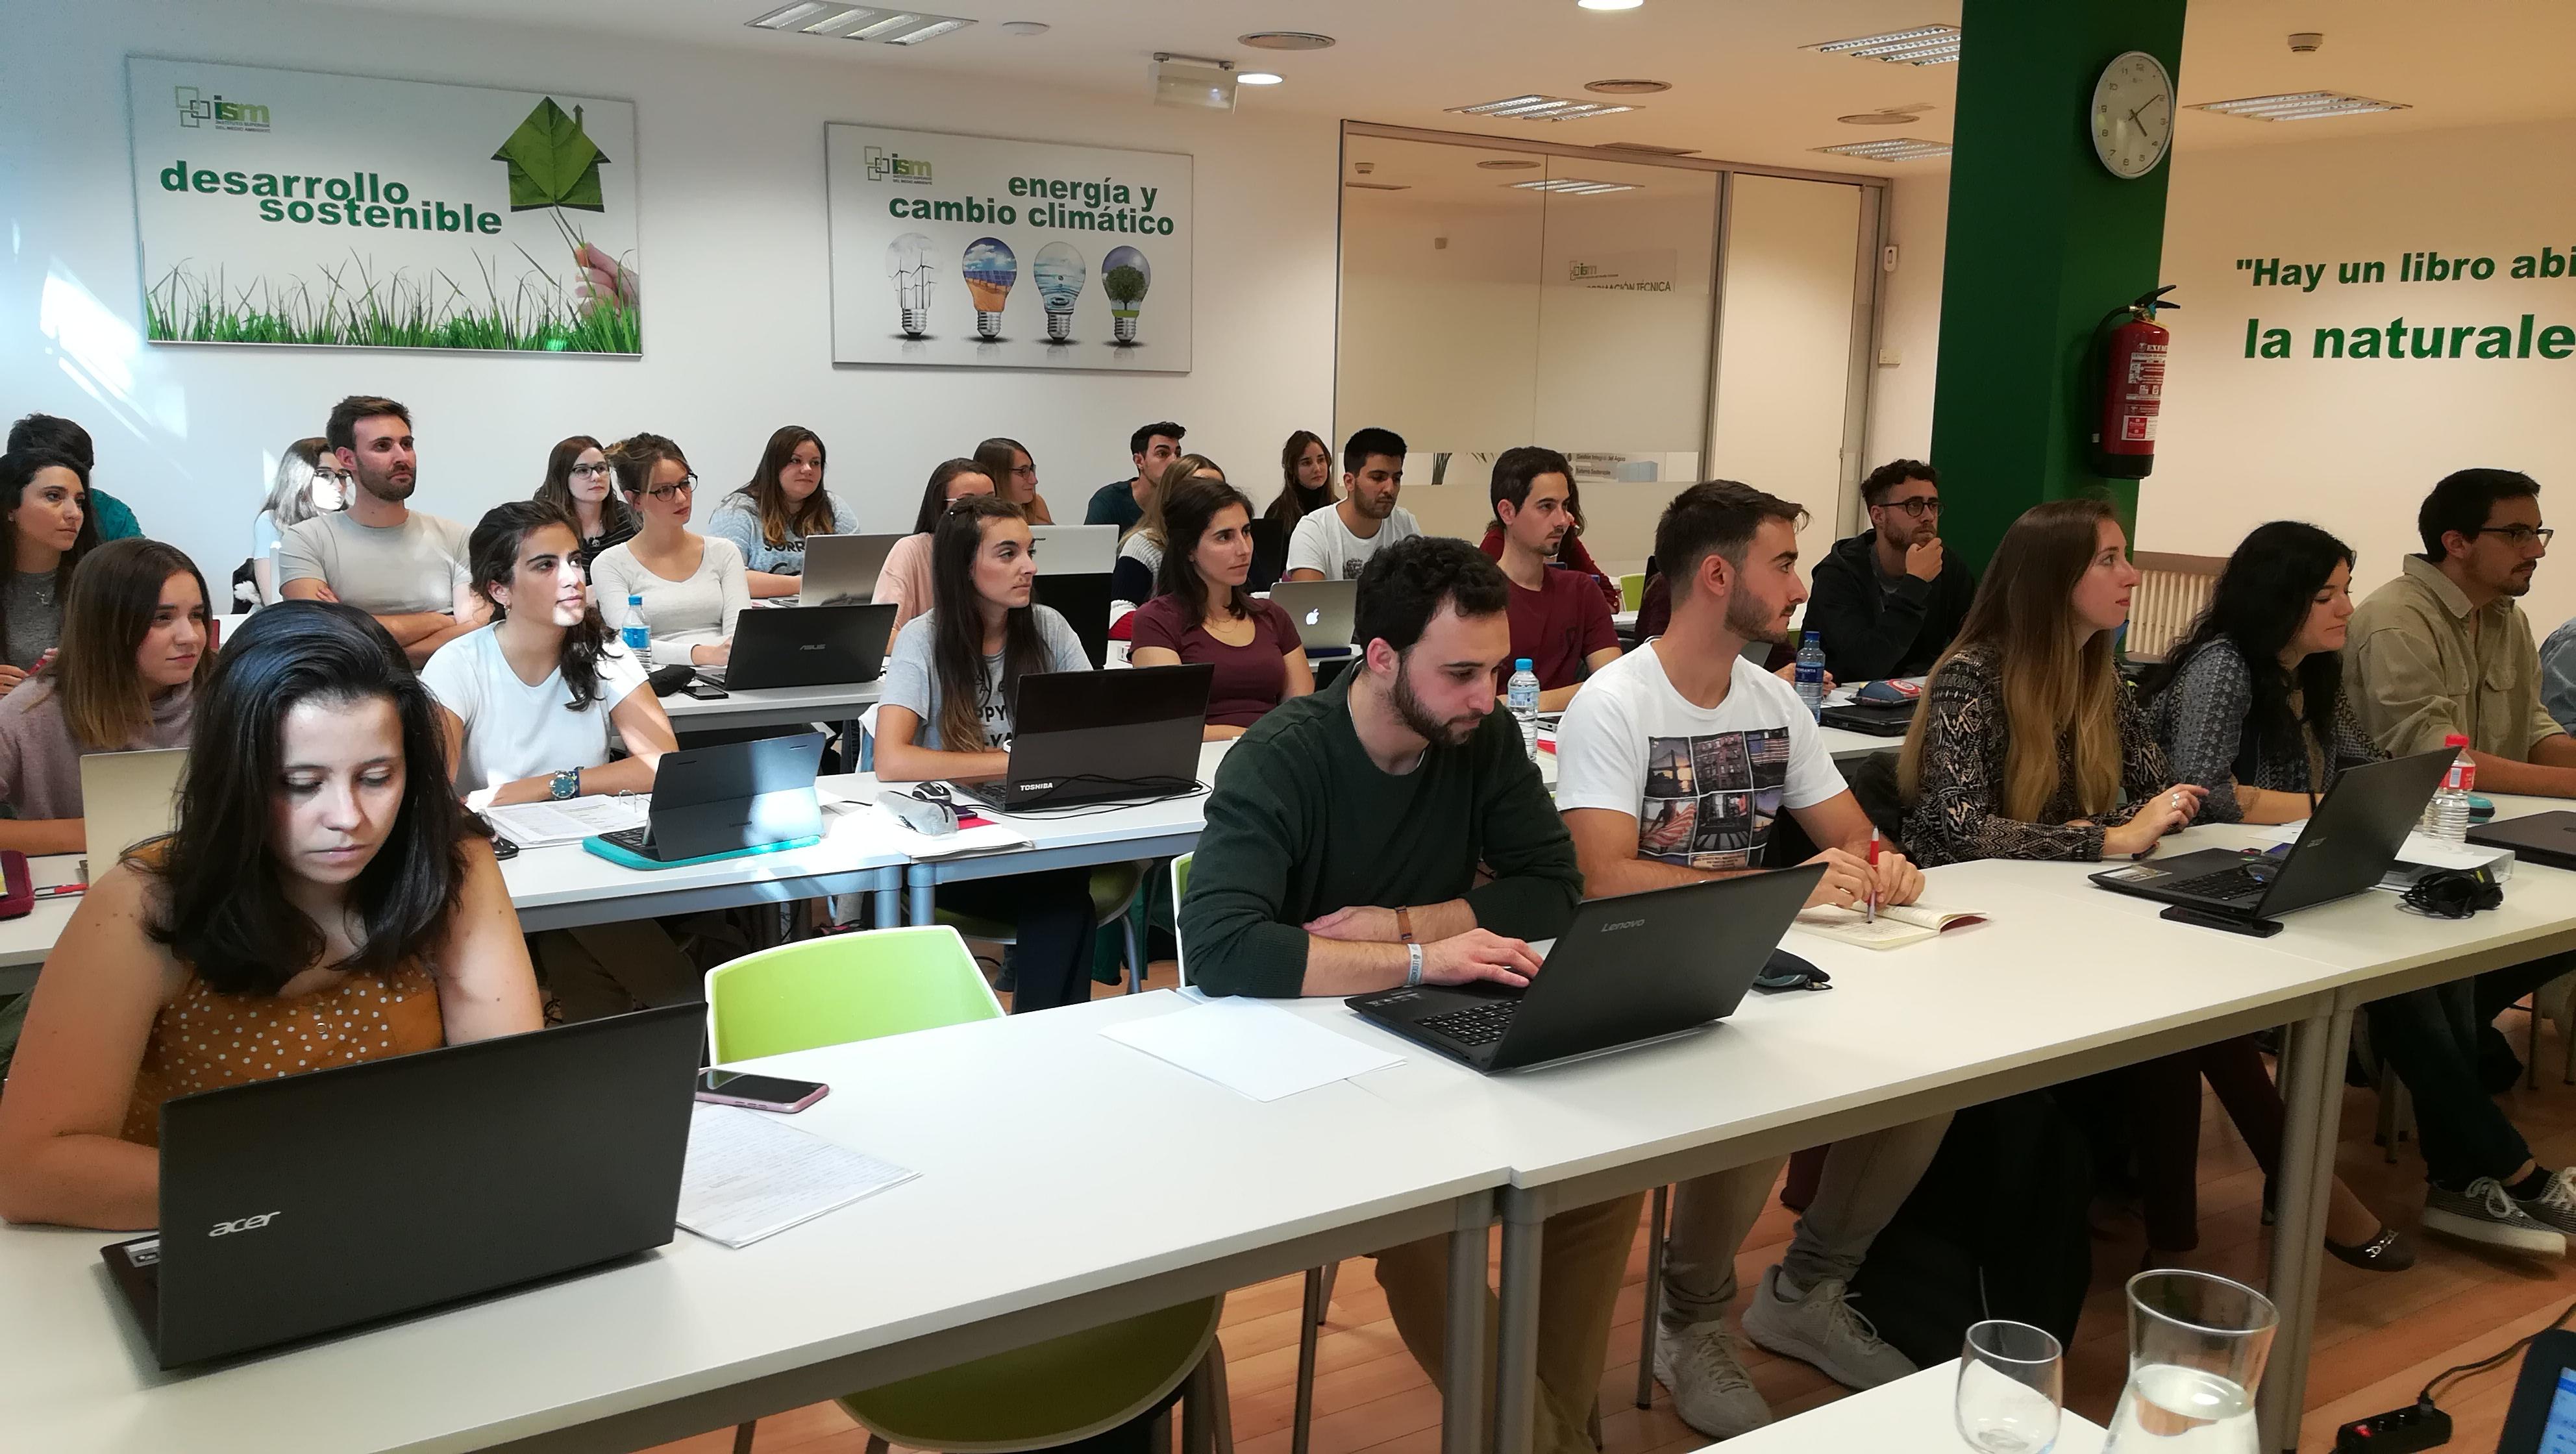 Alumnos de la edición 18-19 del Máster en Gestión Ambiental en la Empresa